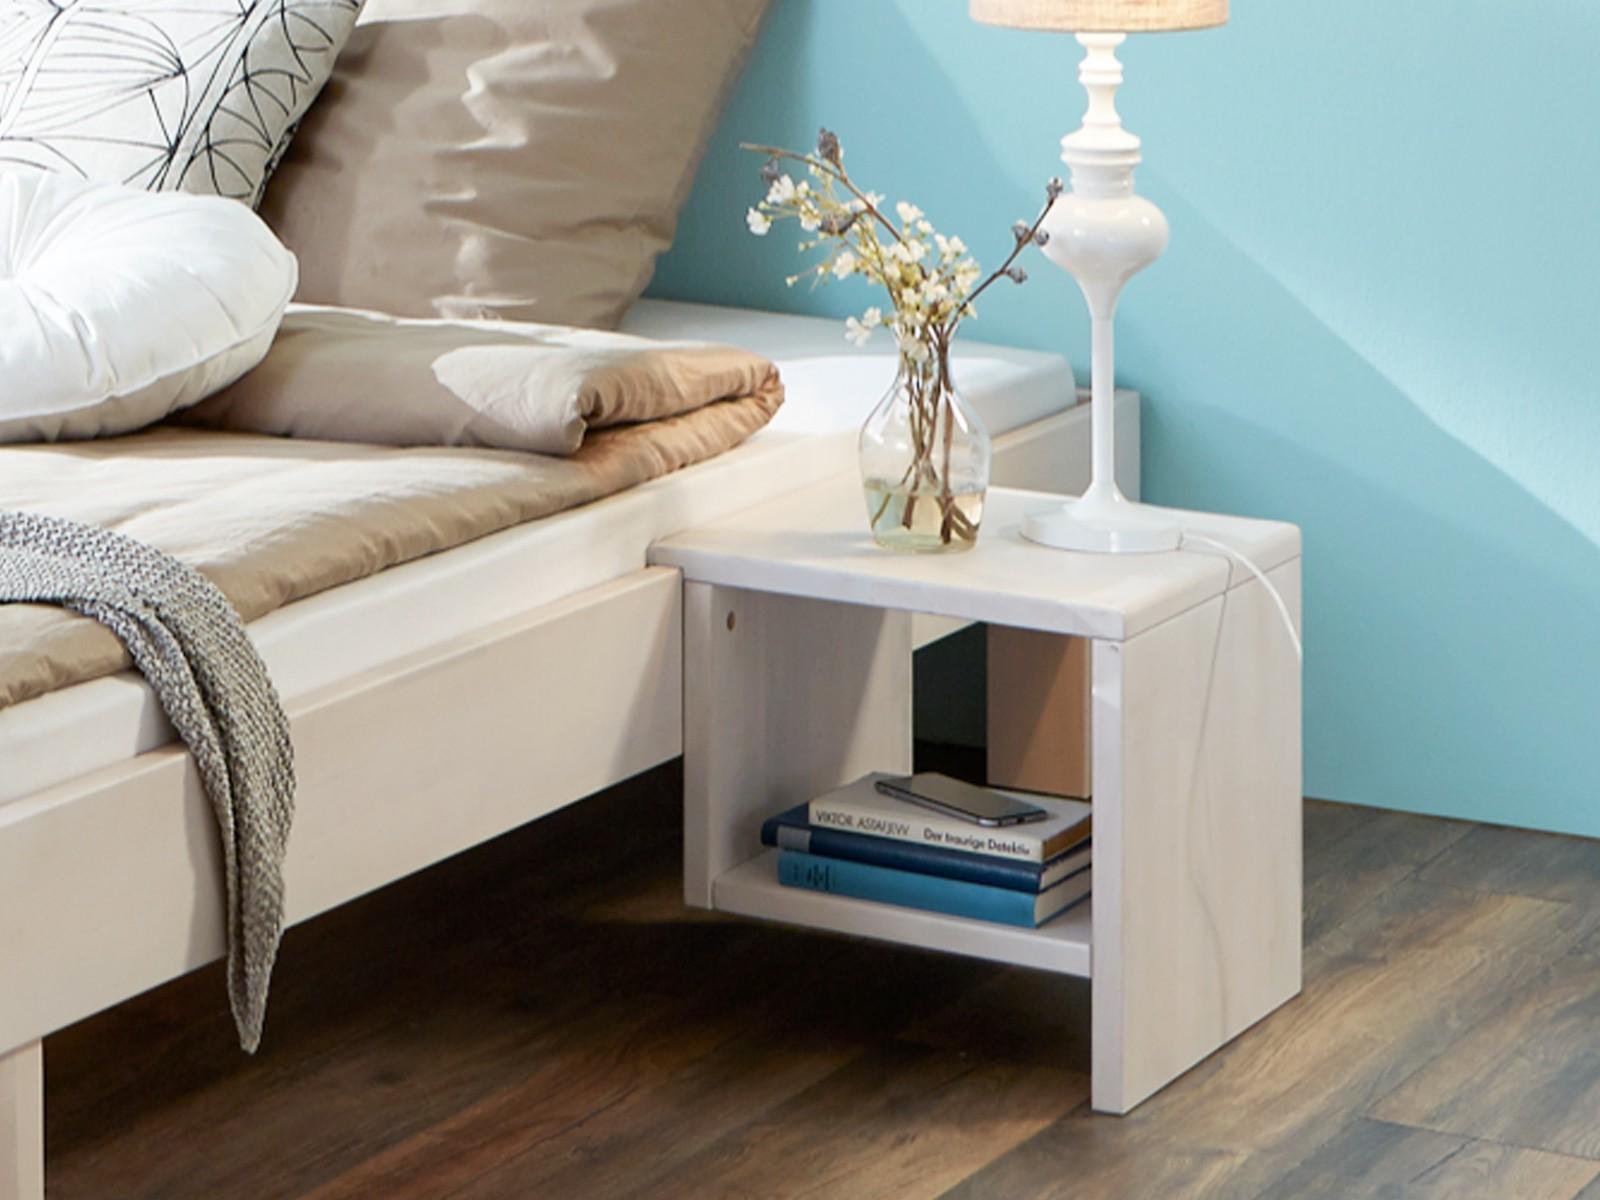 w nachttisch waschwei nachtkonsole nachtk stchen wei beistelltisch buche massiv. Black Bedroom Furniture Sets. Home Design Ideas